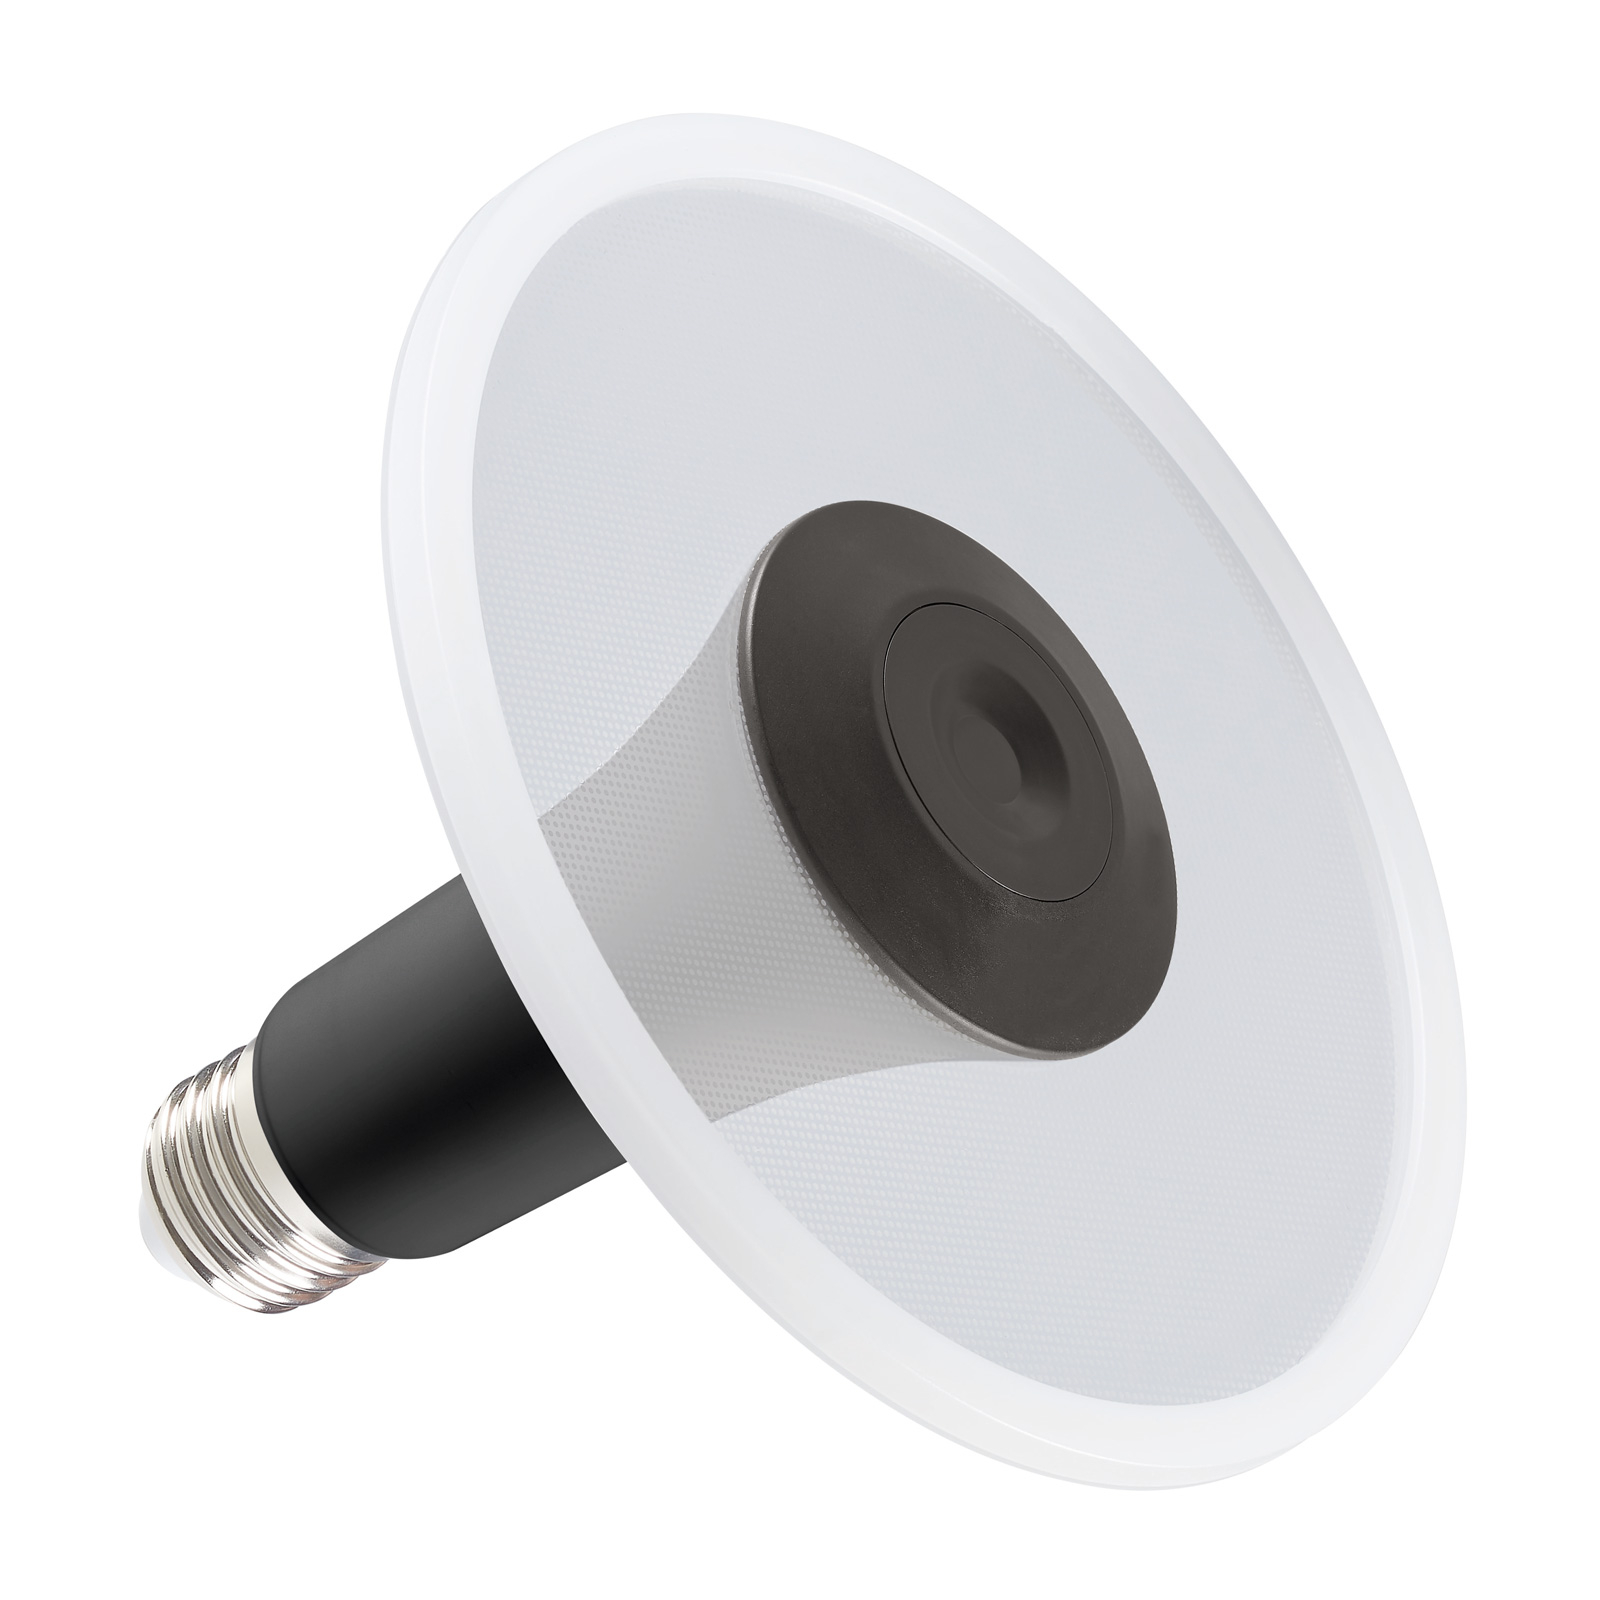 LED-Lampe E27 ToLEDo Radiance schwarz 11,5W 2.700K